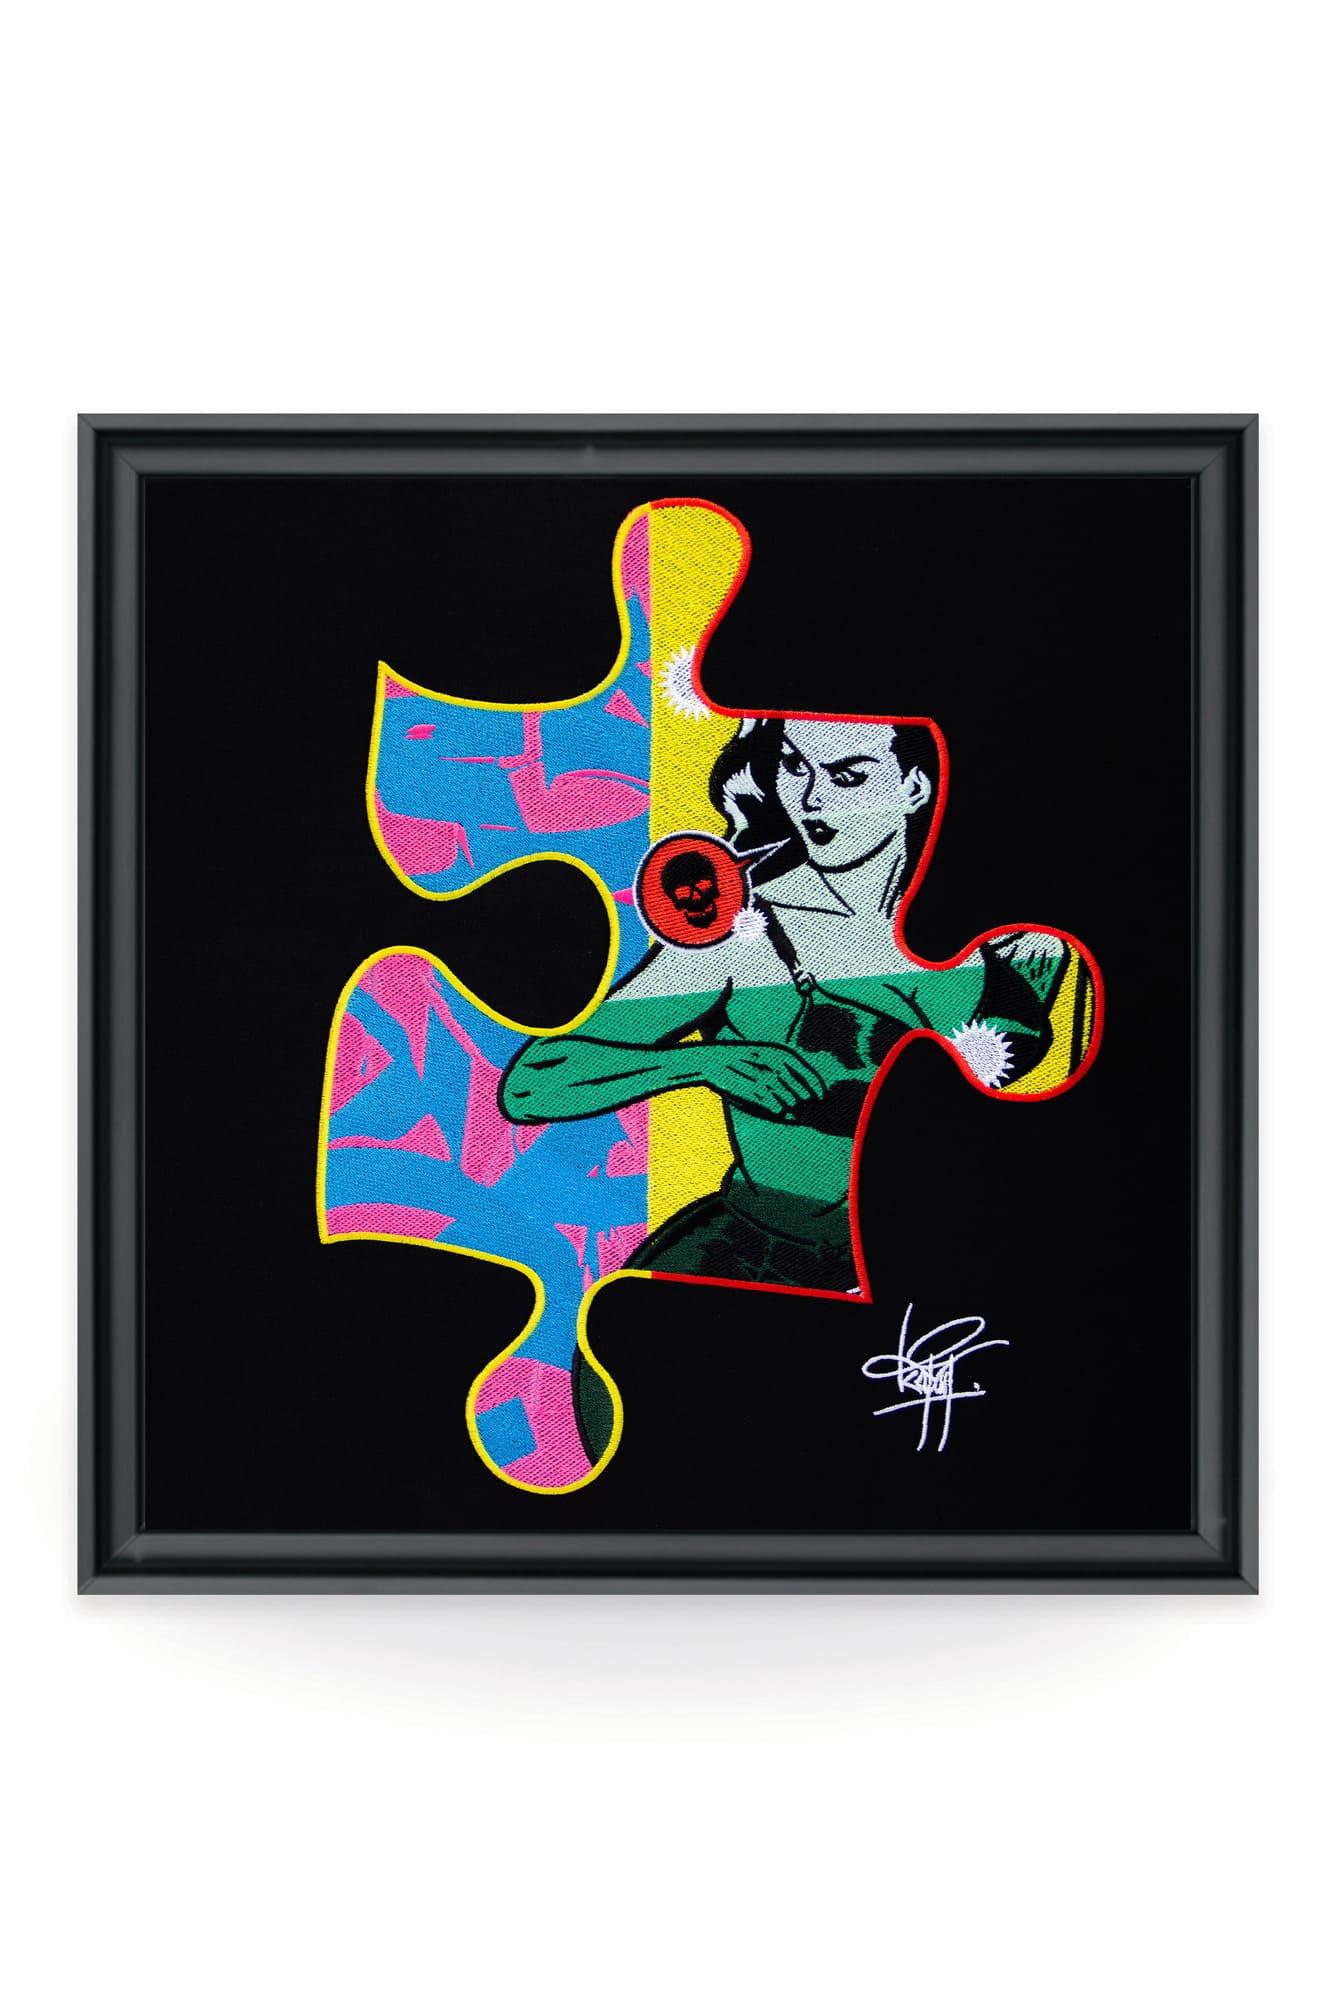 Réputé pour ses puzzles originaux, l'artiste et graffeur Keymi a imaginé une toile brodée unique qui donne le droit d'obtenir une certification NFT.